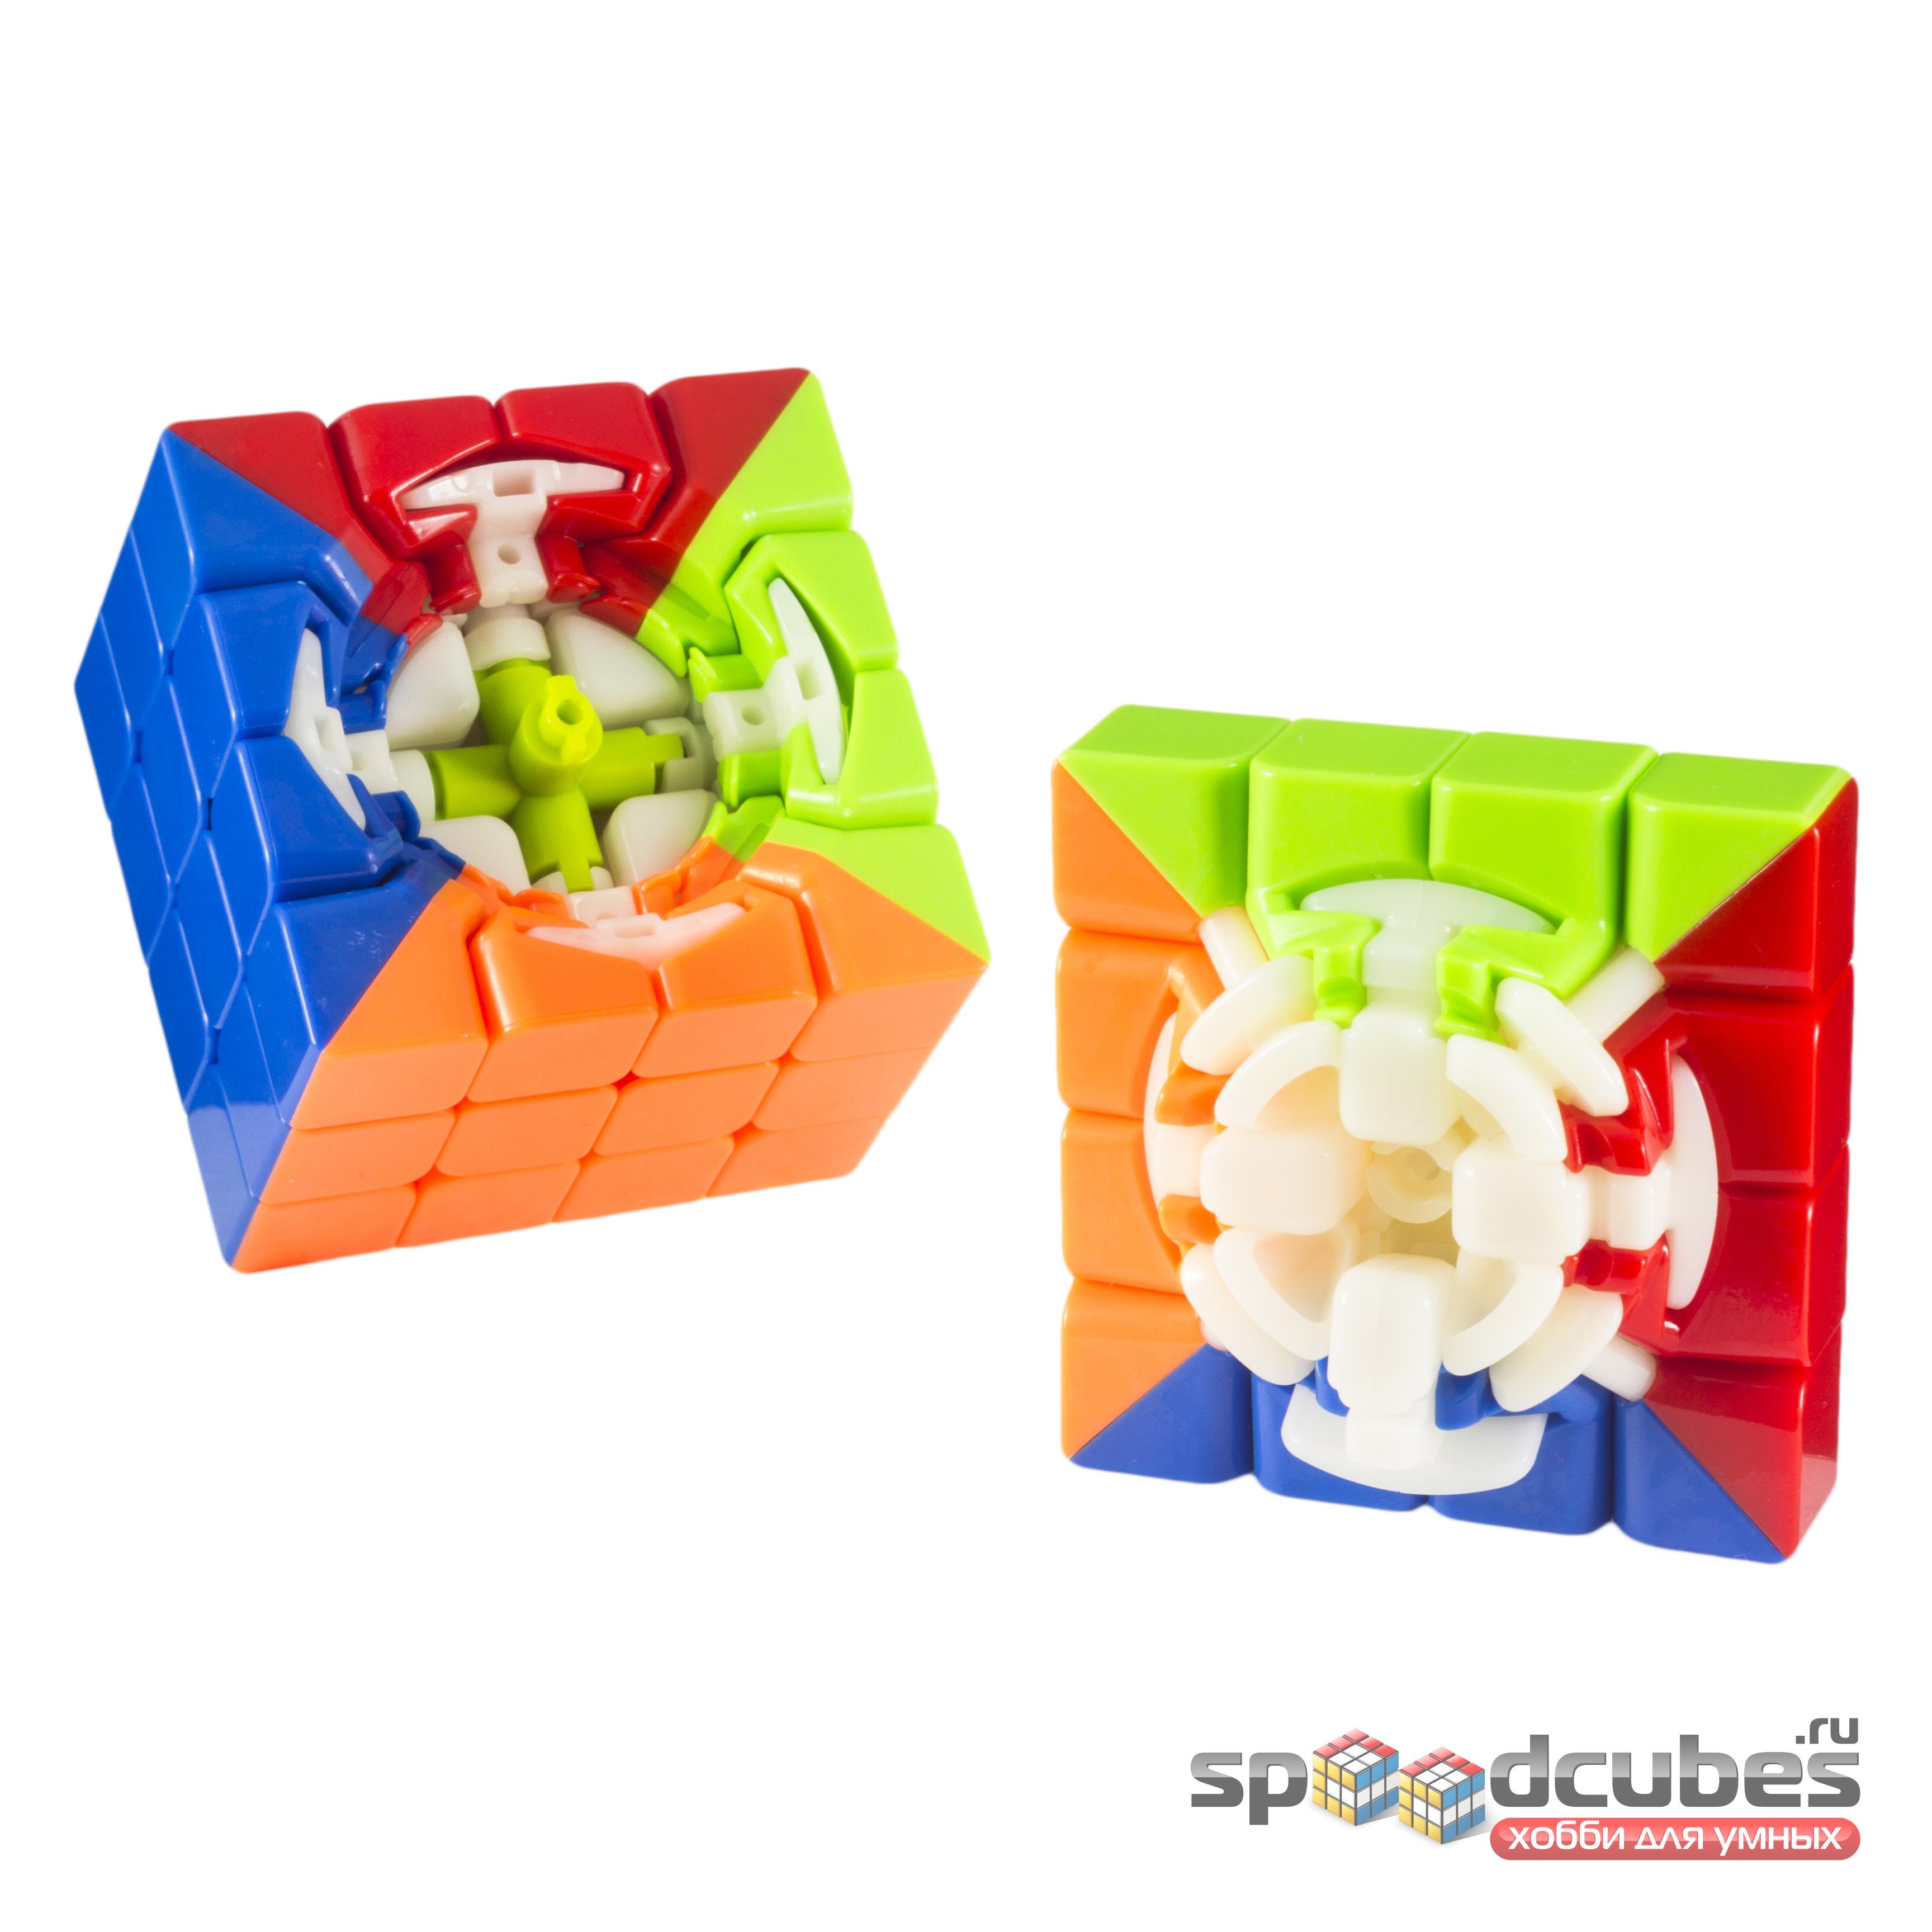 Qiyi Mofangge 4x4x4 Wuque Mini Color 4